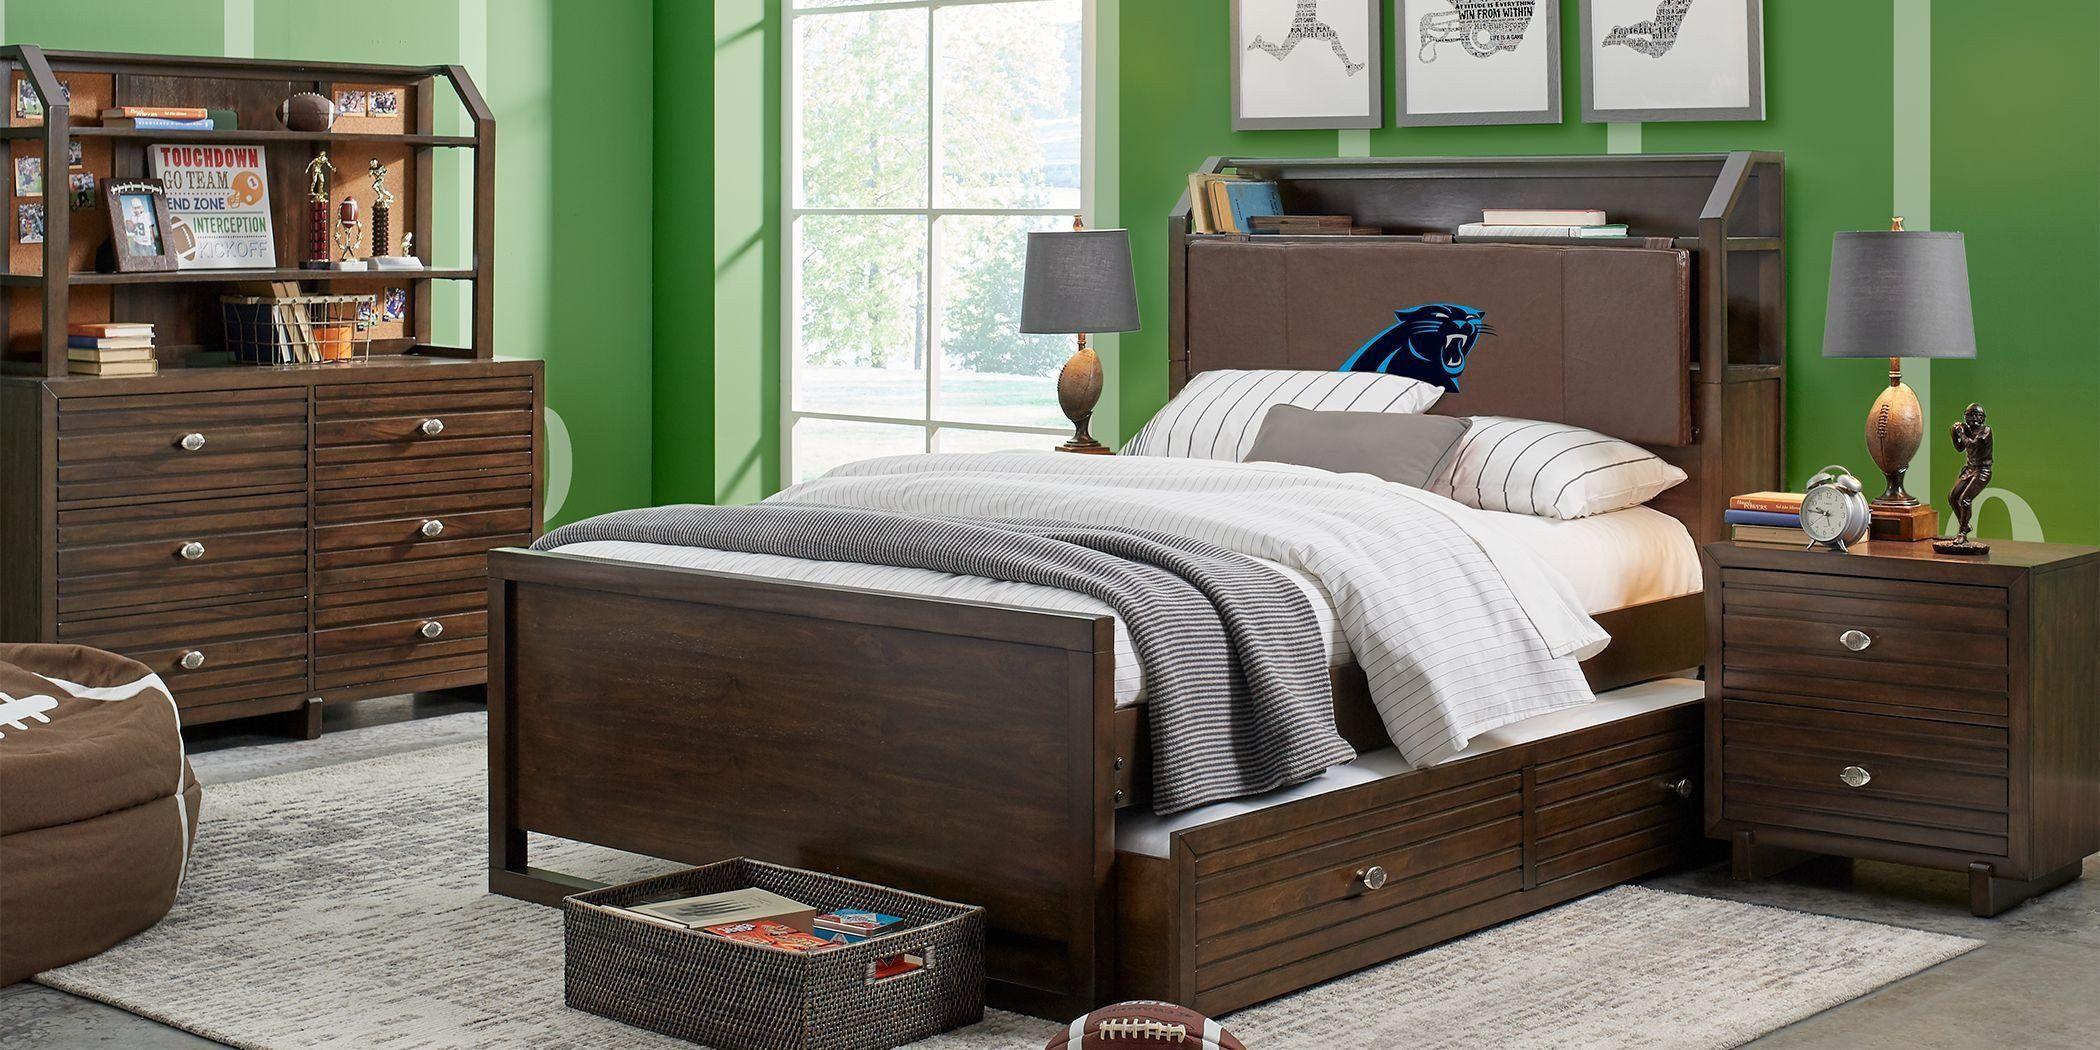 Full Size Bedroom Furniture Set Sale New Nfl 1st Goal Carolina Panthers Brown 5 Pc Ful In 2020 Bedroom Sets For Sale Full Size Bedroom Furniture Complete Bedroom Set